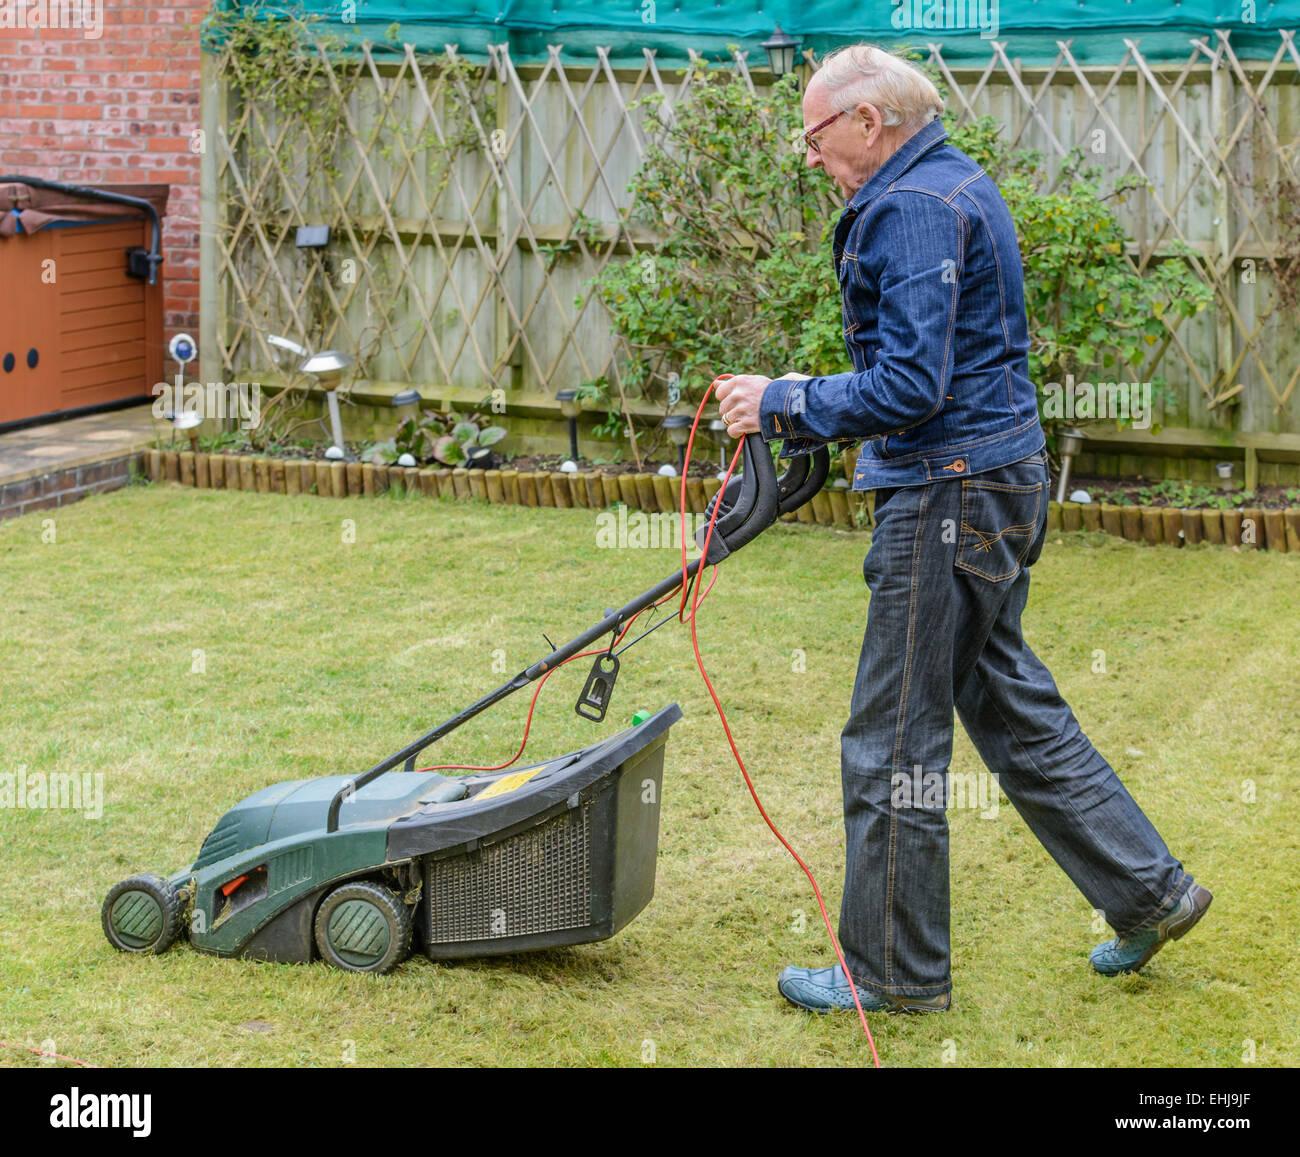 Vieil homme de tondre la pelouse dans un jardin. Photo Stock